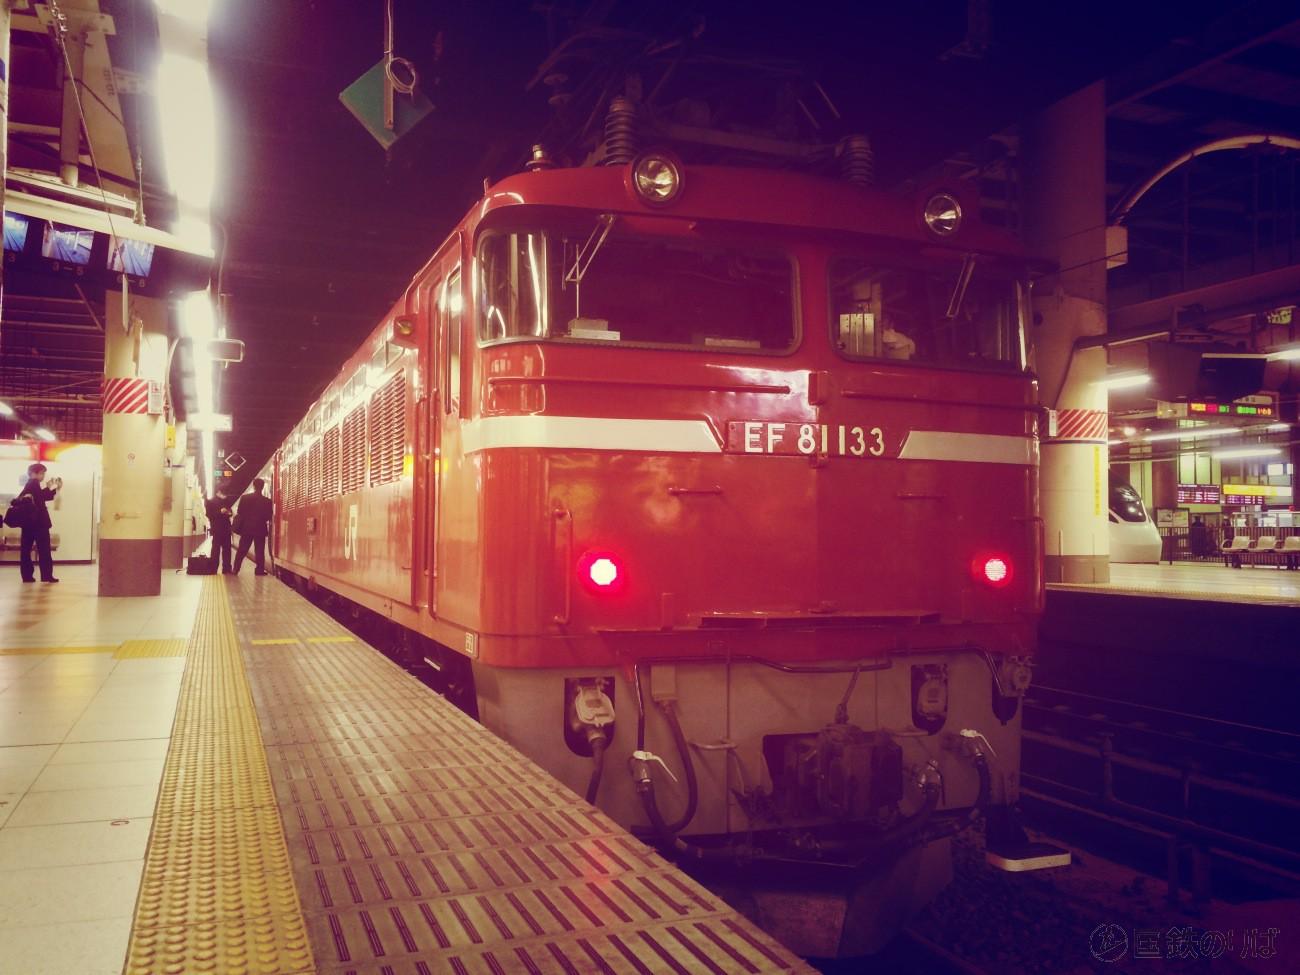 上野駅地平ホーム、EF81牽引客レ、カンなし。